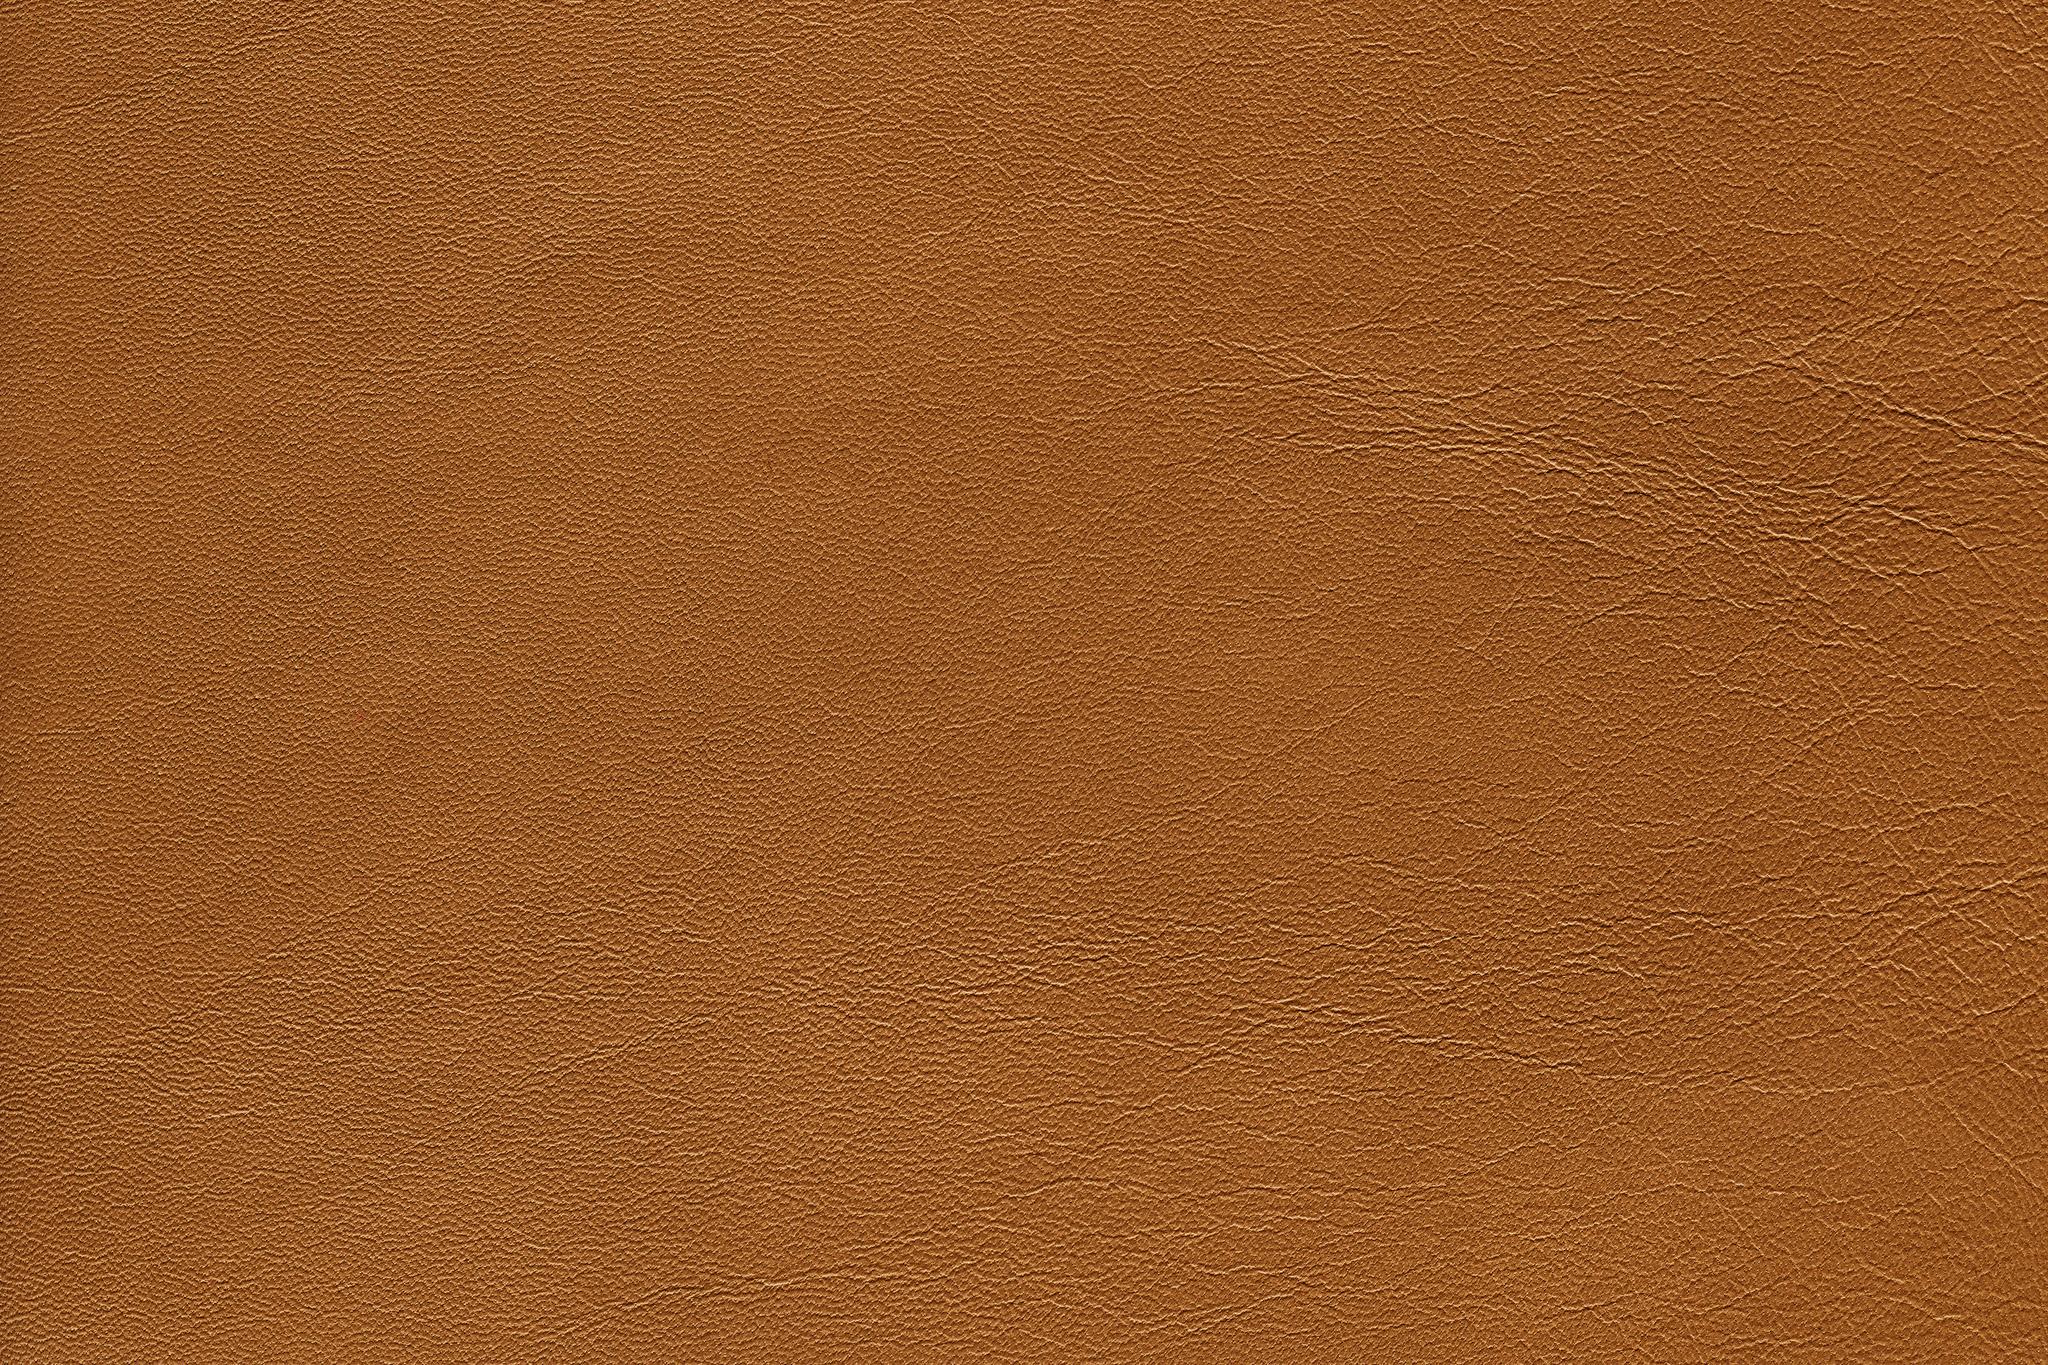 「灰茶色の皮革の質感」